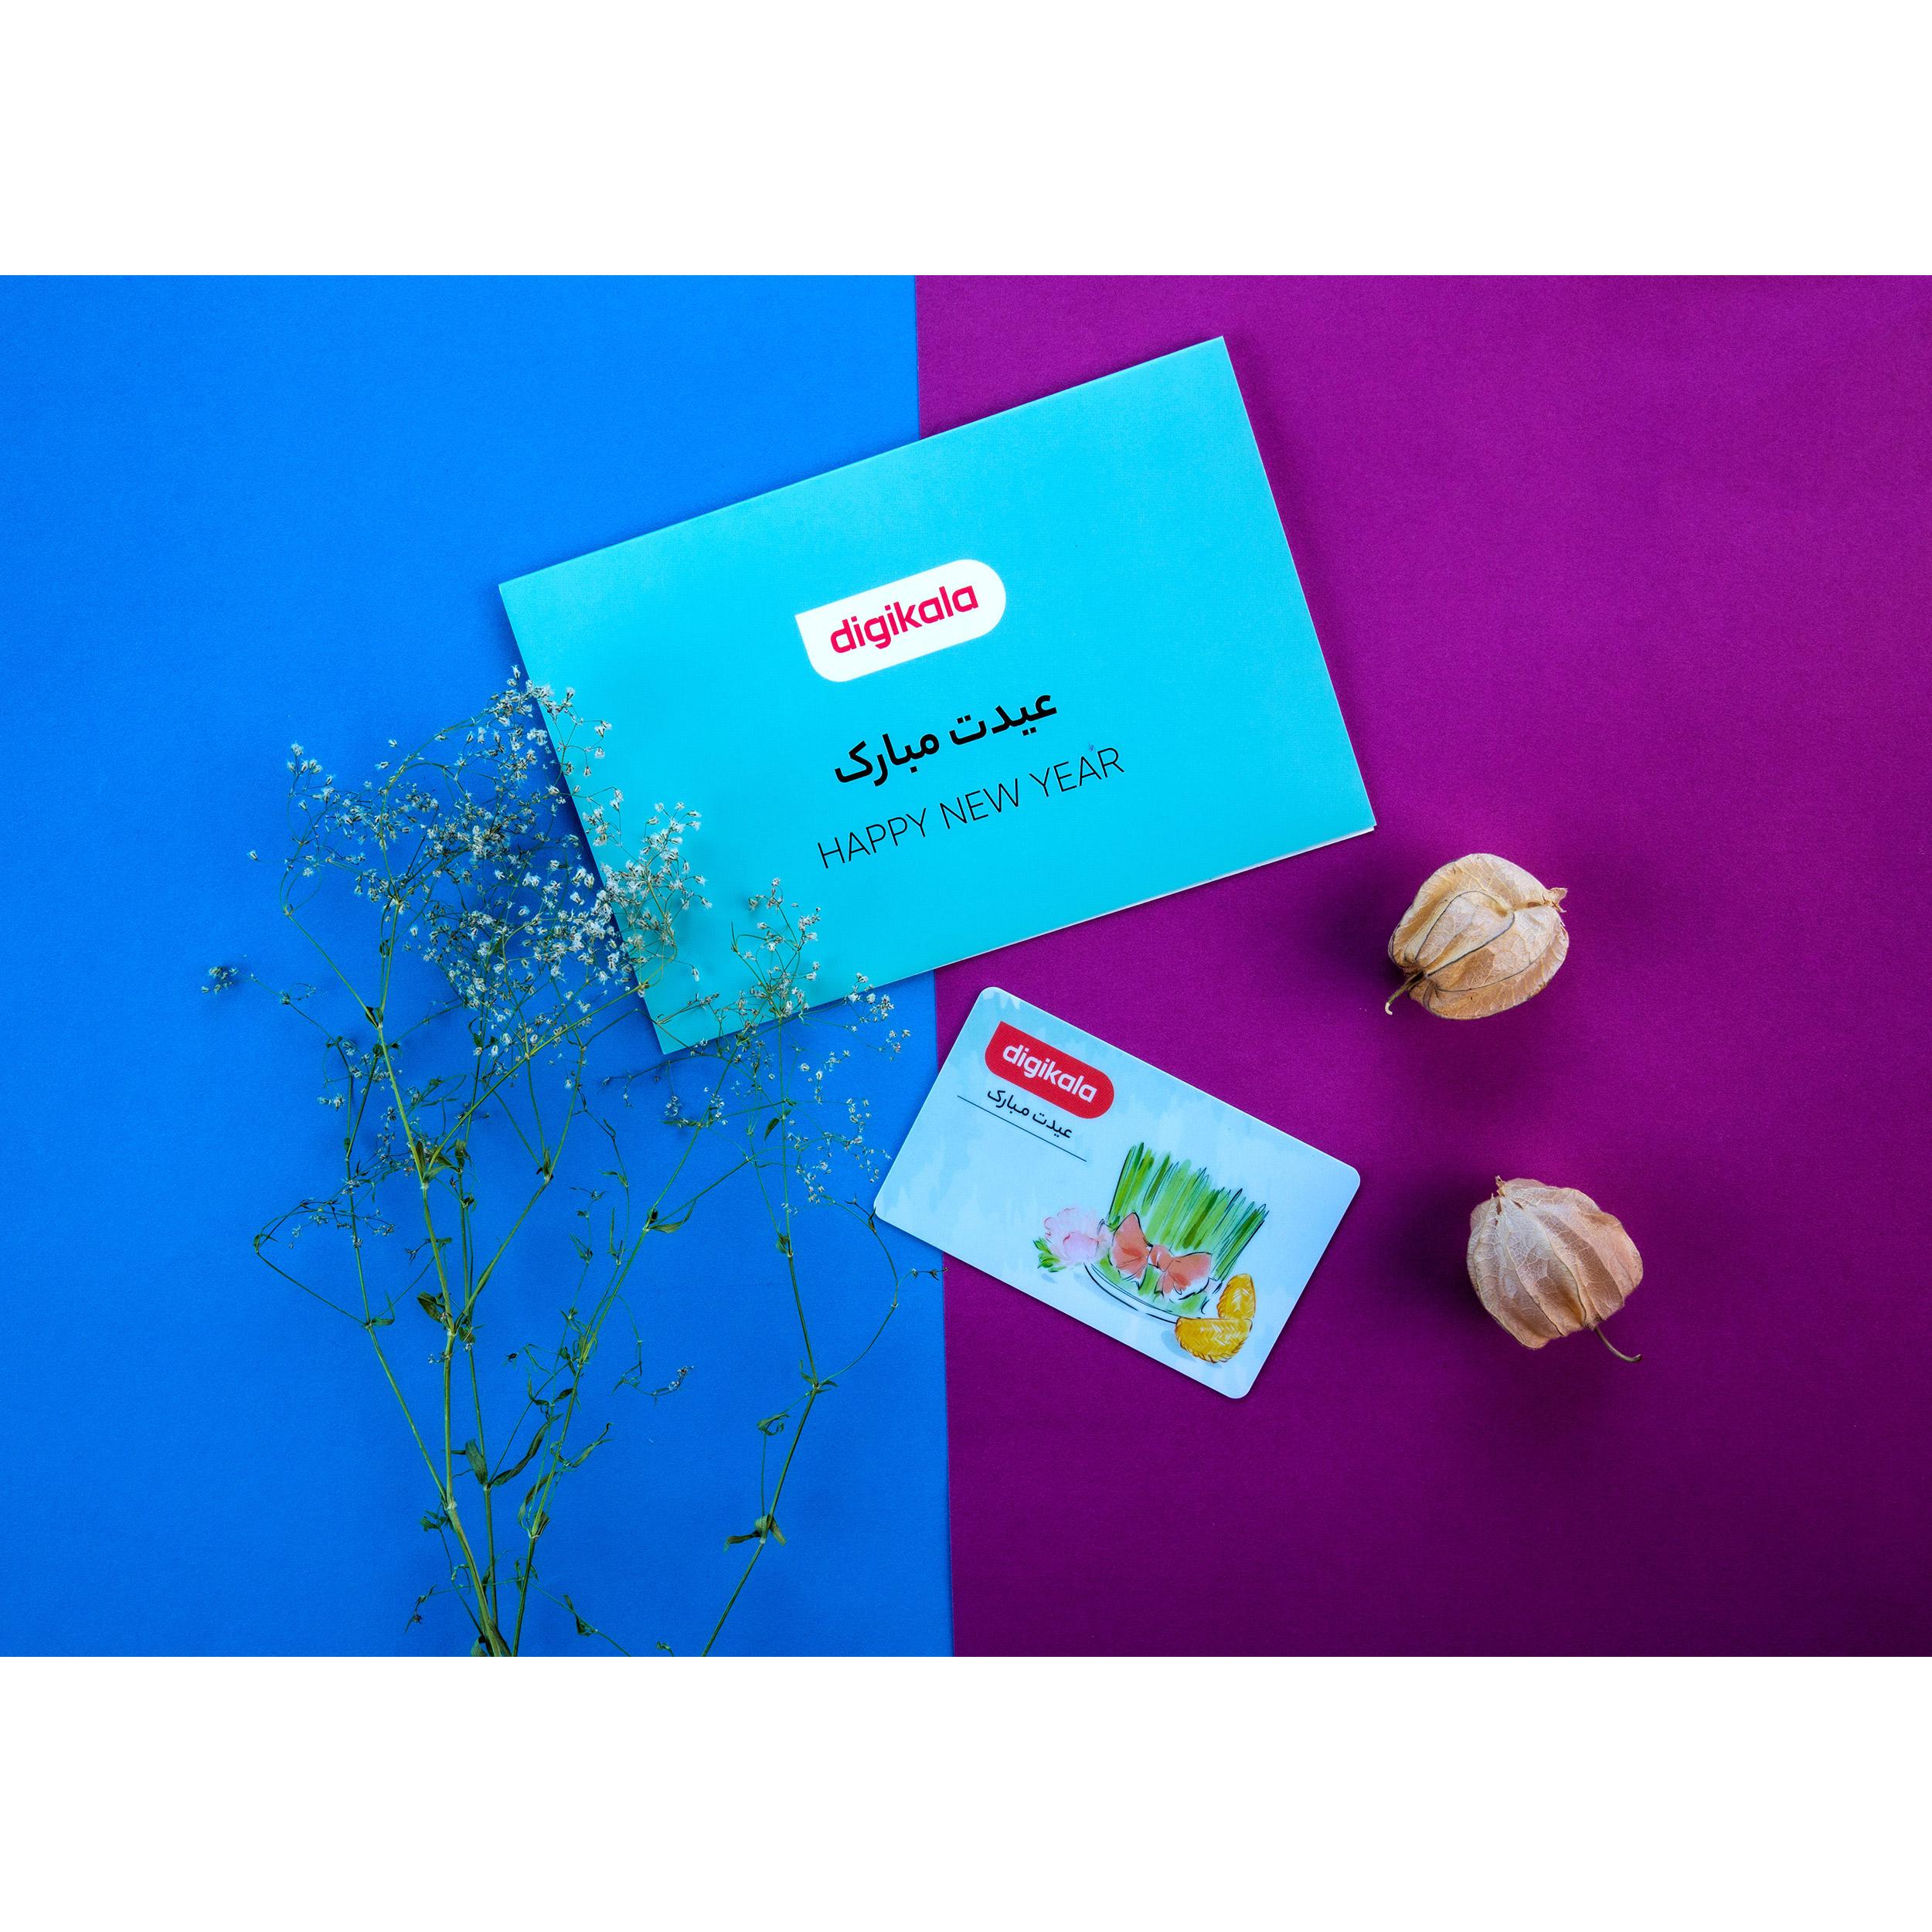 کارت هدیه دیجی کالا به ارزش 20,000 تومان طرح سبزه main 1 3